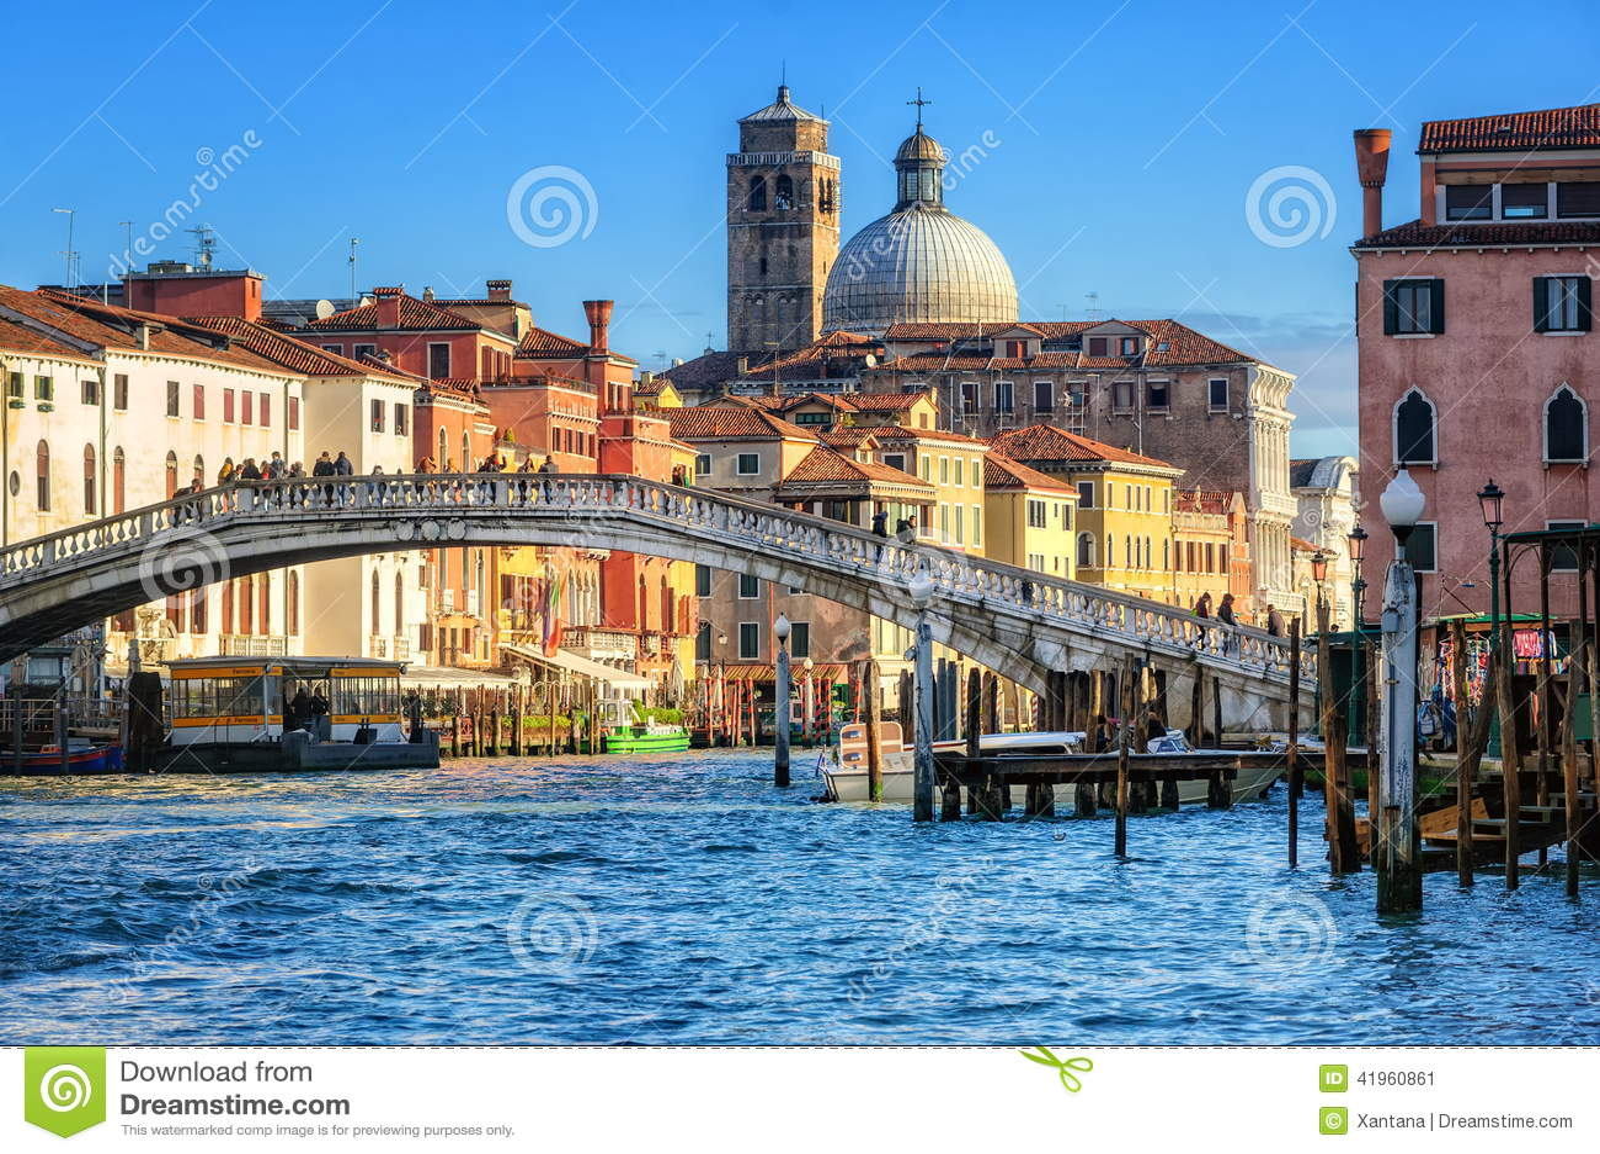 Veneza, Italy